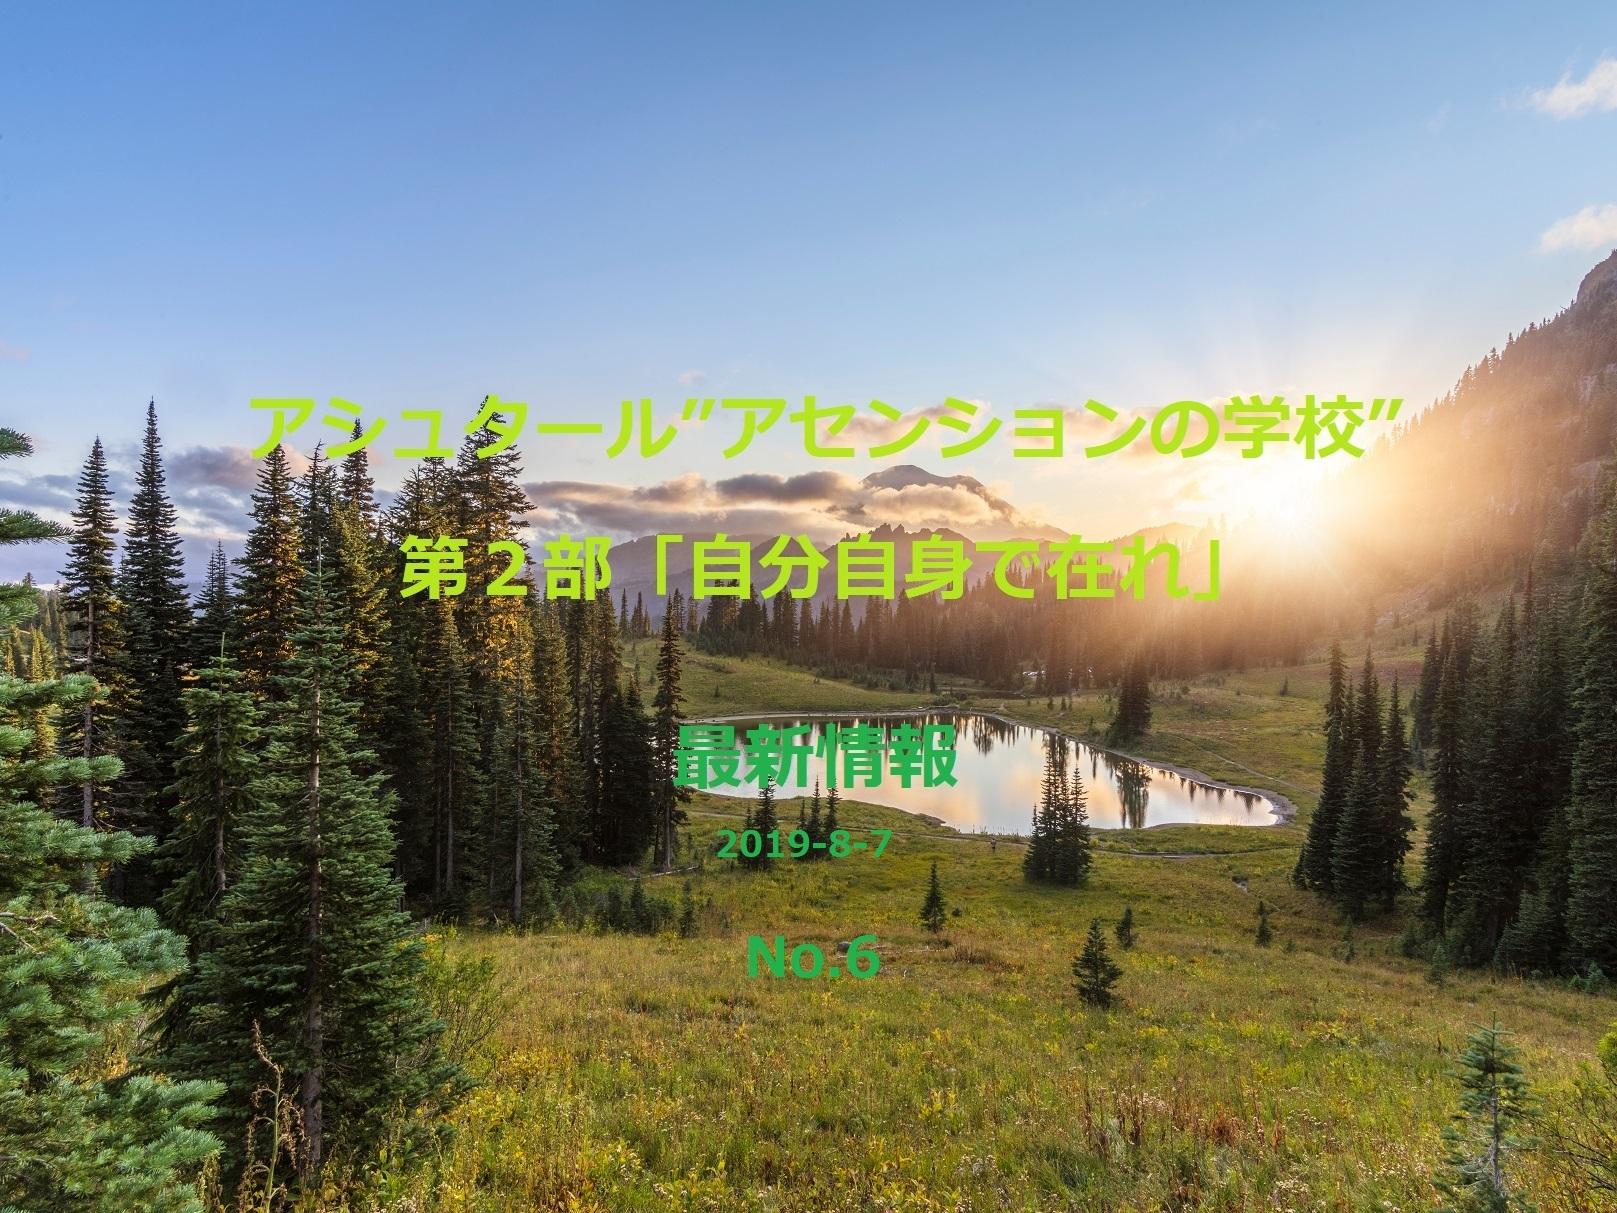 アシュタール最新情報No.6(2019-8-7)